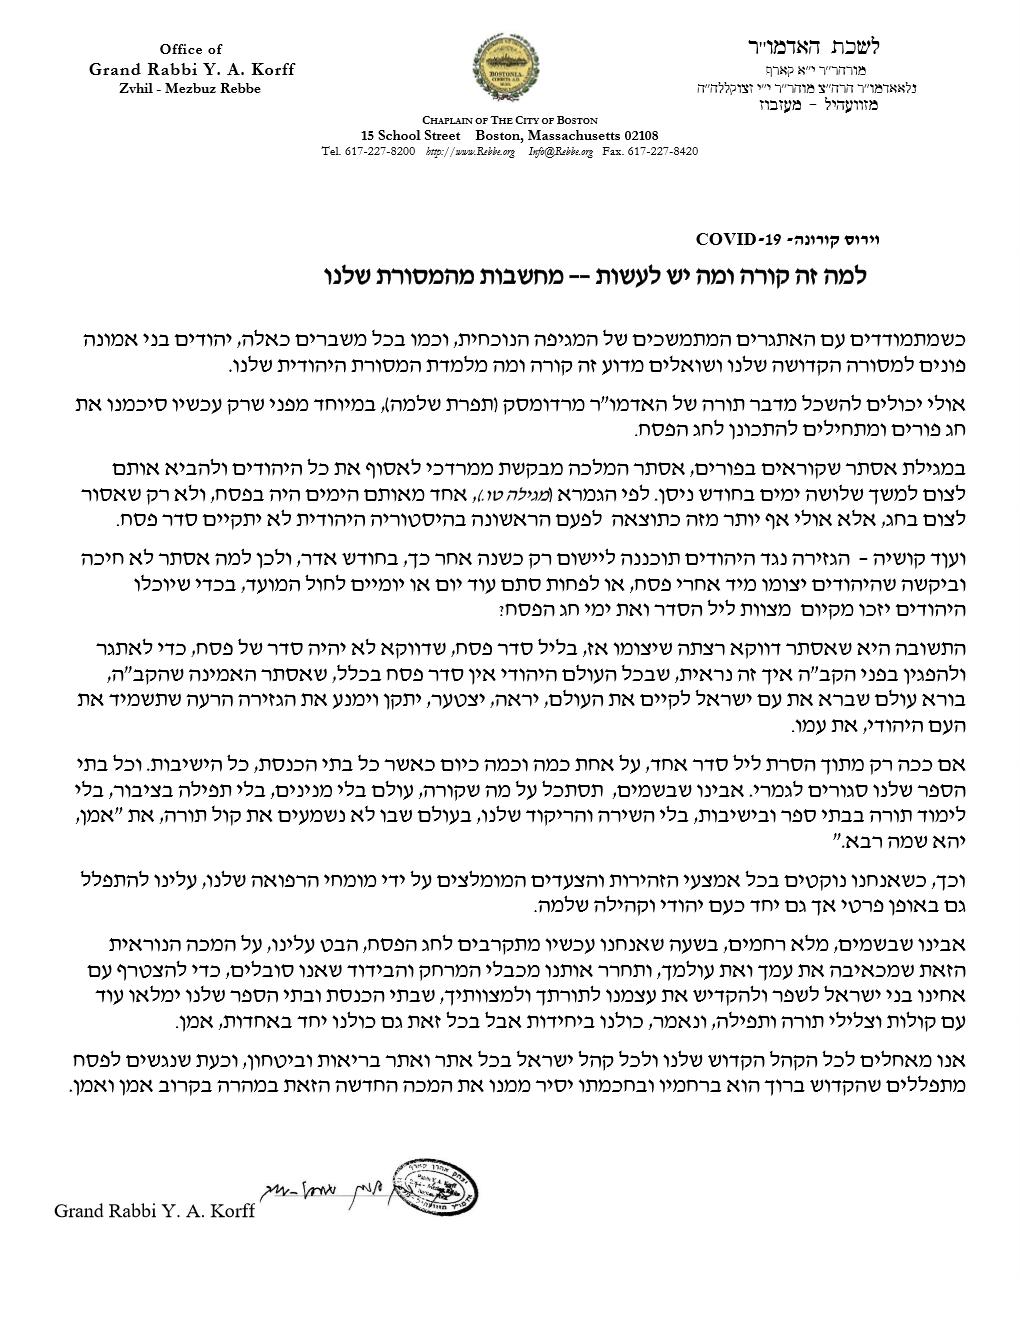 Corona Virus COVID-19 Mar'20 STATIONERY HEBREW FINAL_1